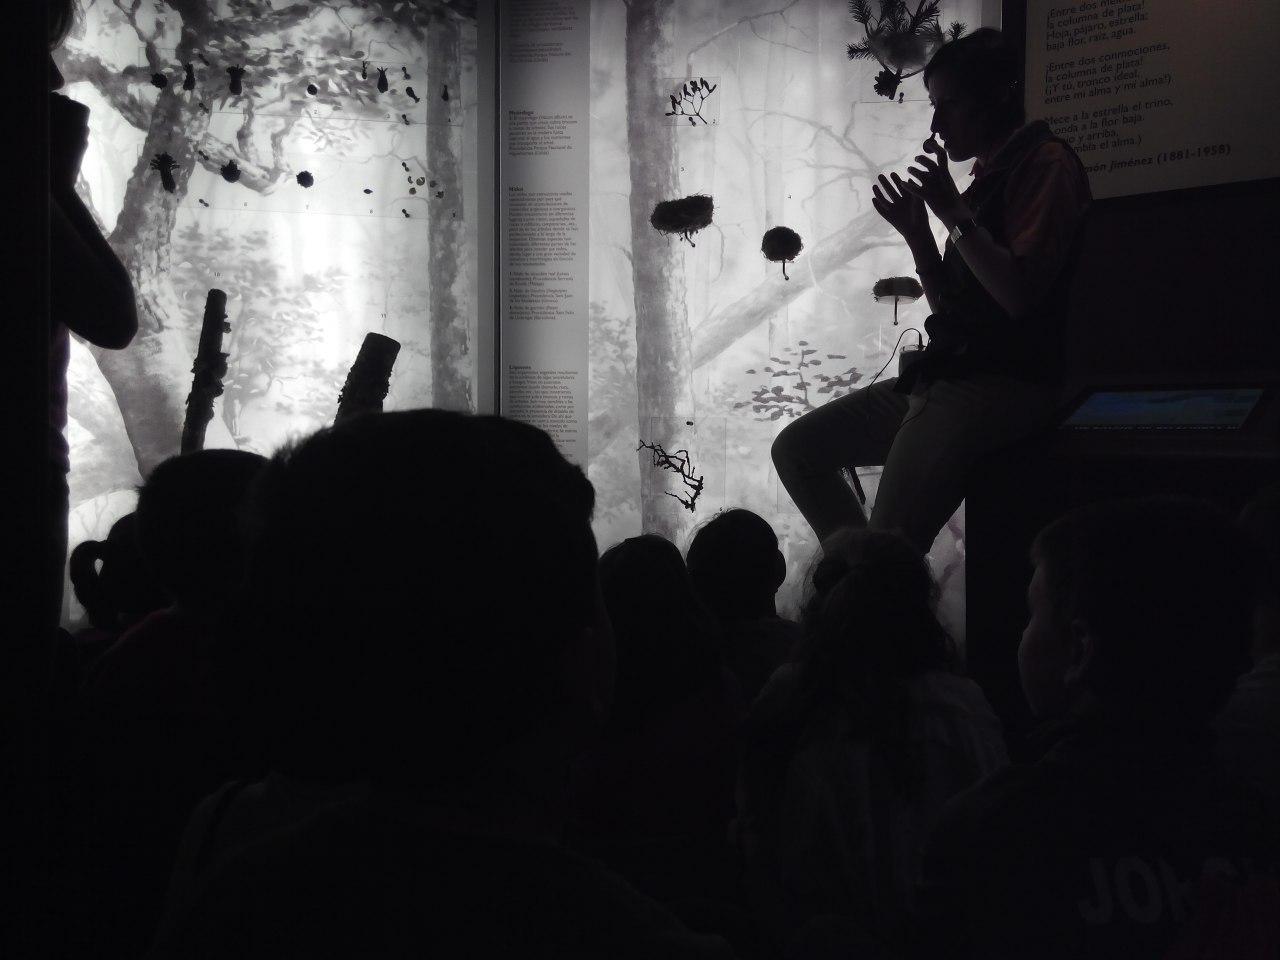 Visita a la exposición El Bosque. 1º 2º Primaria. CEIP Pinocho. 2016/17